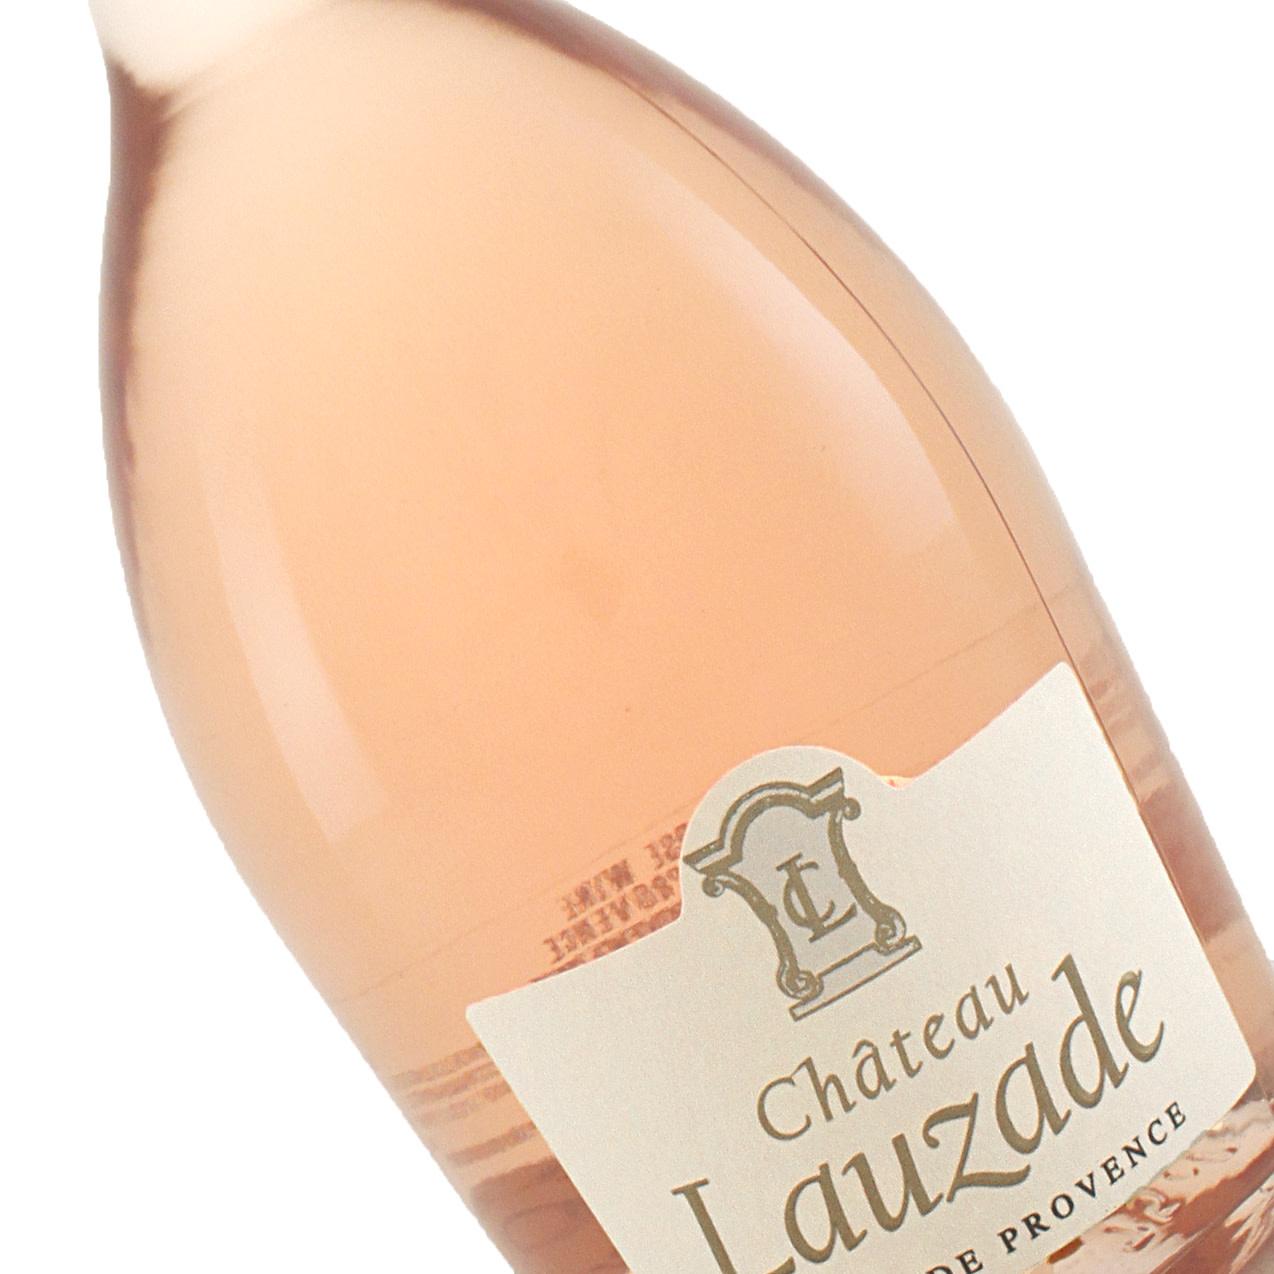 Chateau Lauzade 2019 Cotes De Provence Rose, France